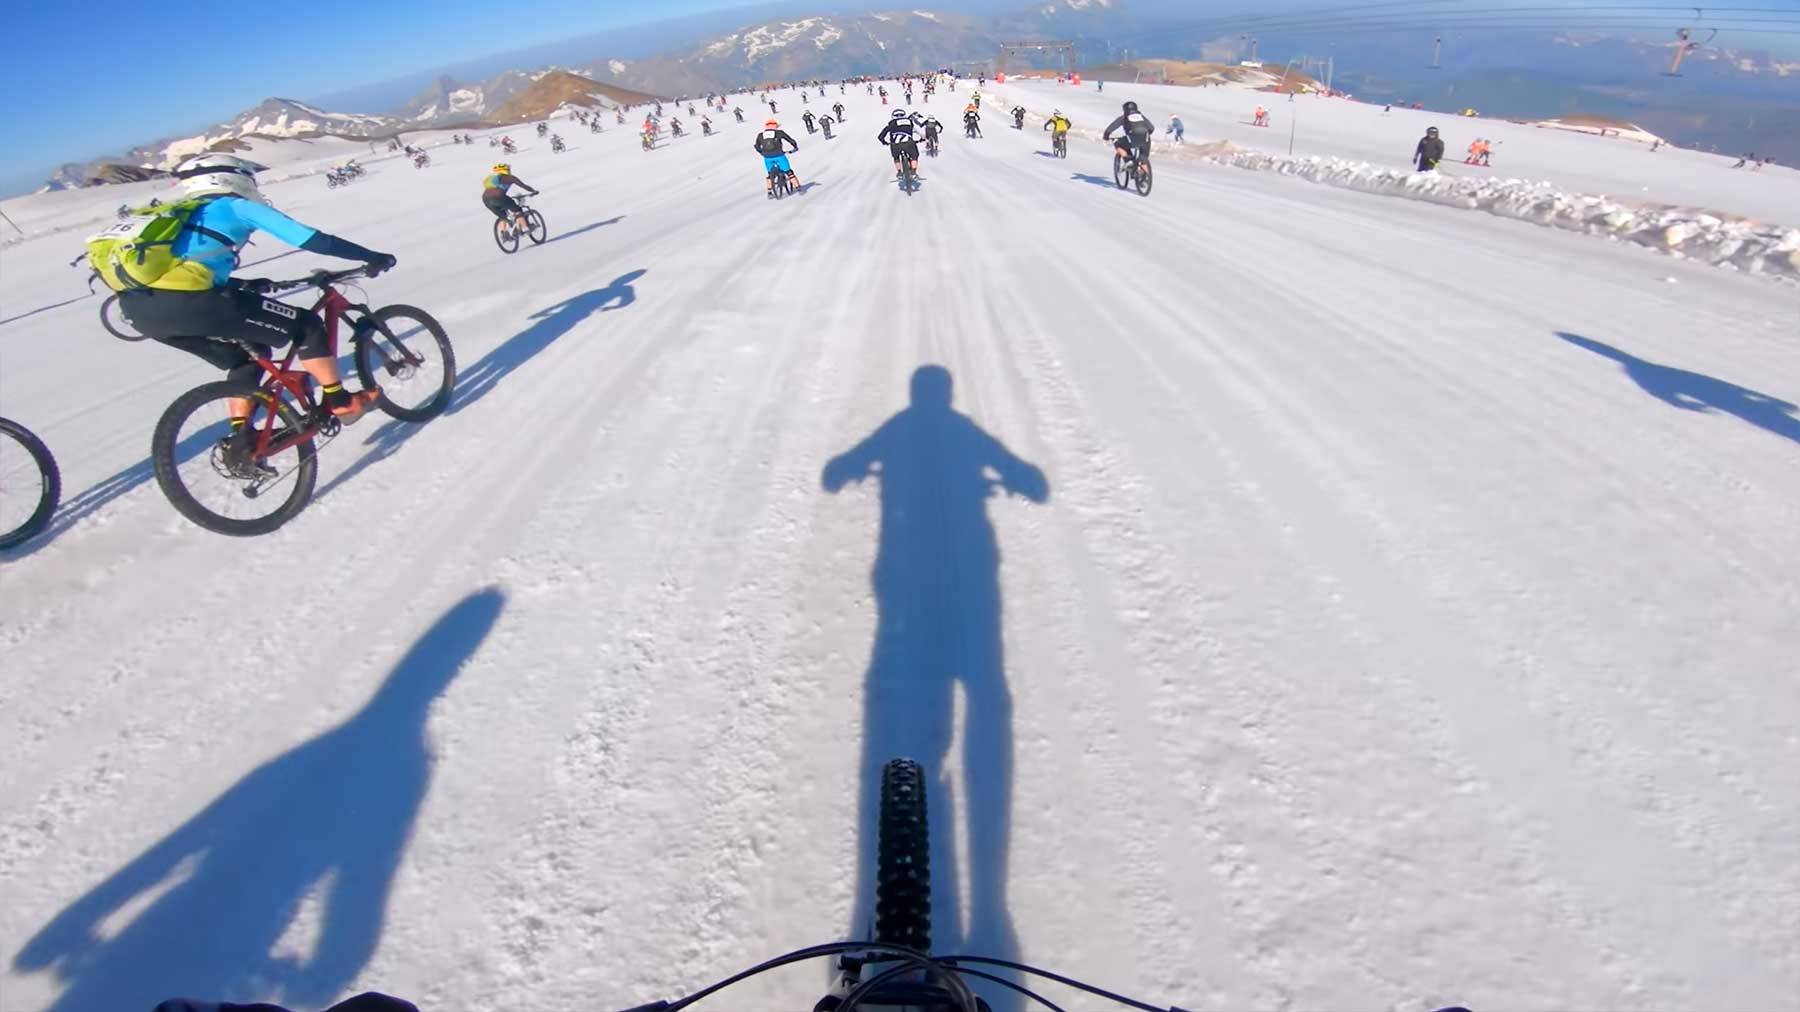 Mountainbike-Rennen: Als 1.000 starten und gewinnen